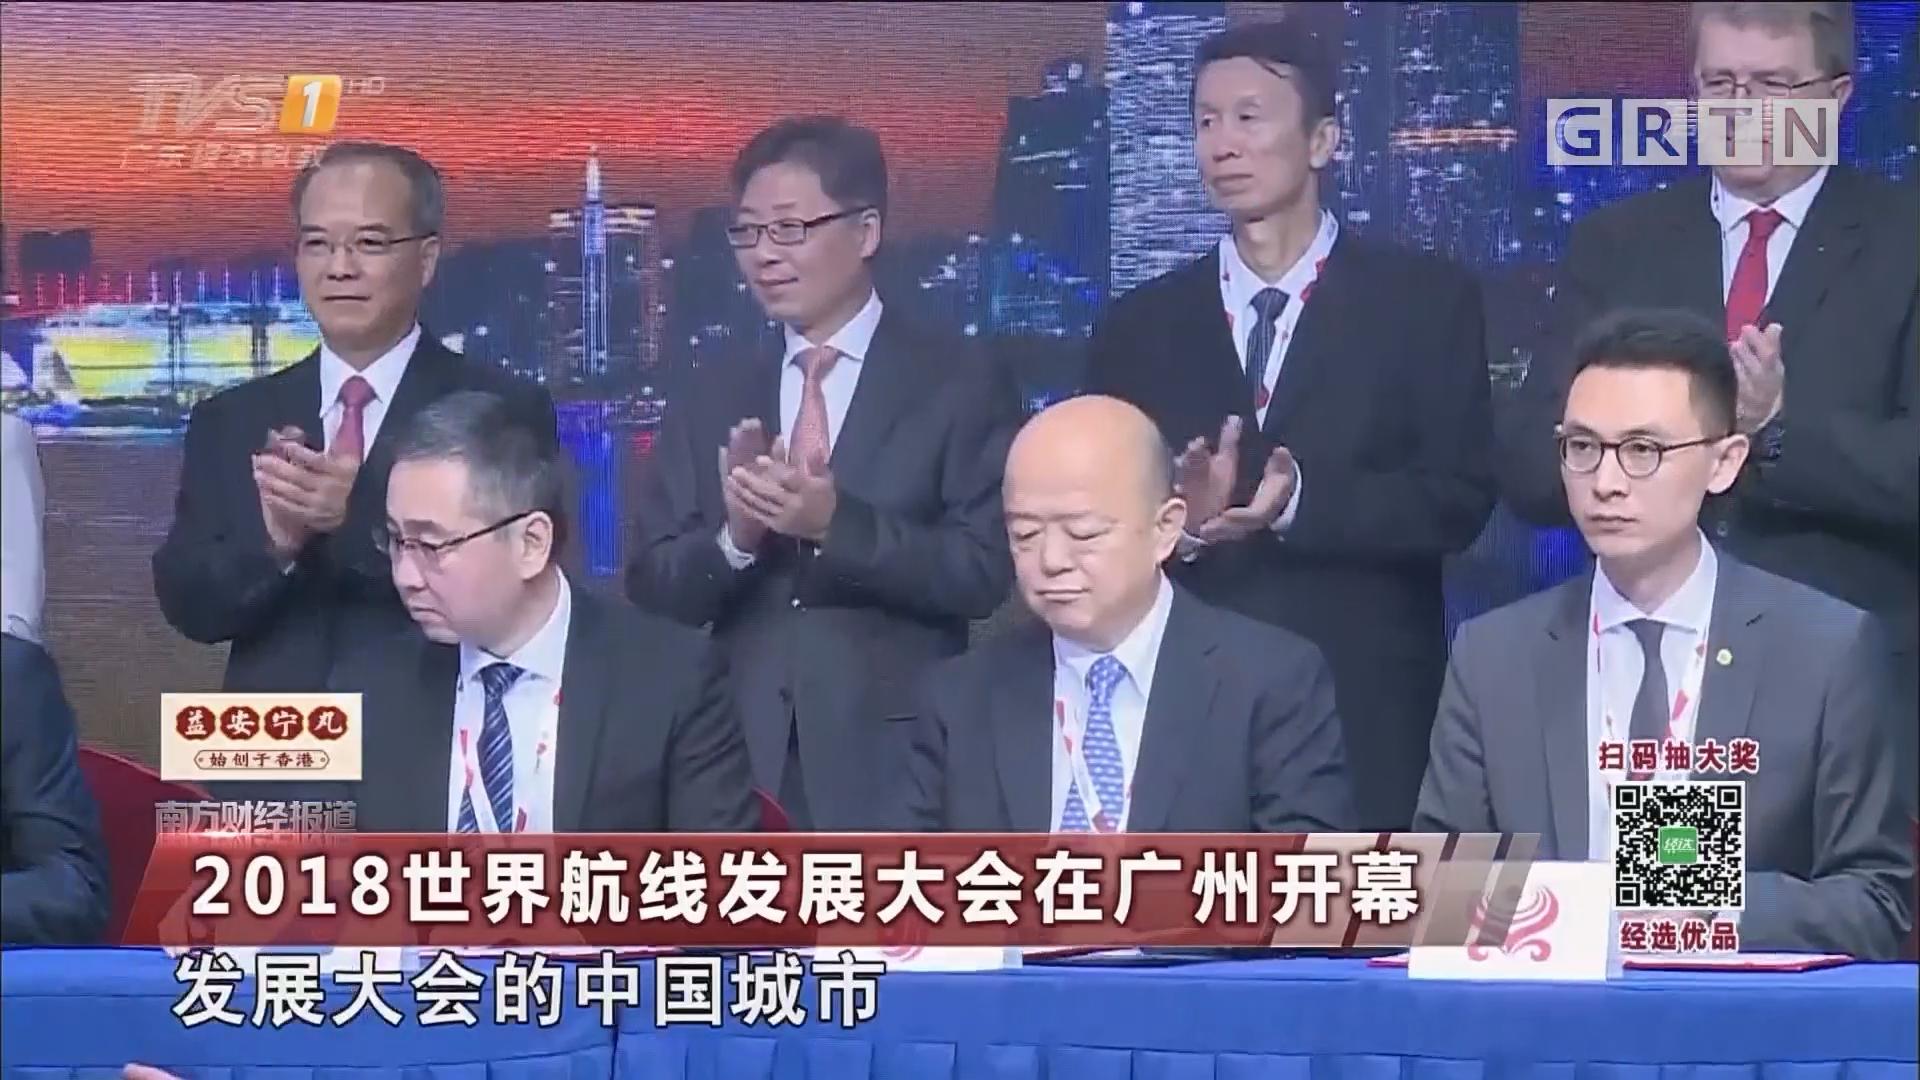 2018世界航线发展大会在广州开幕